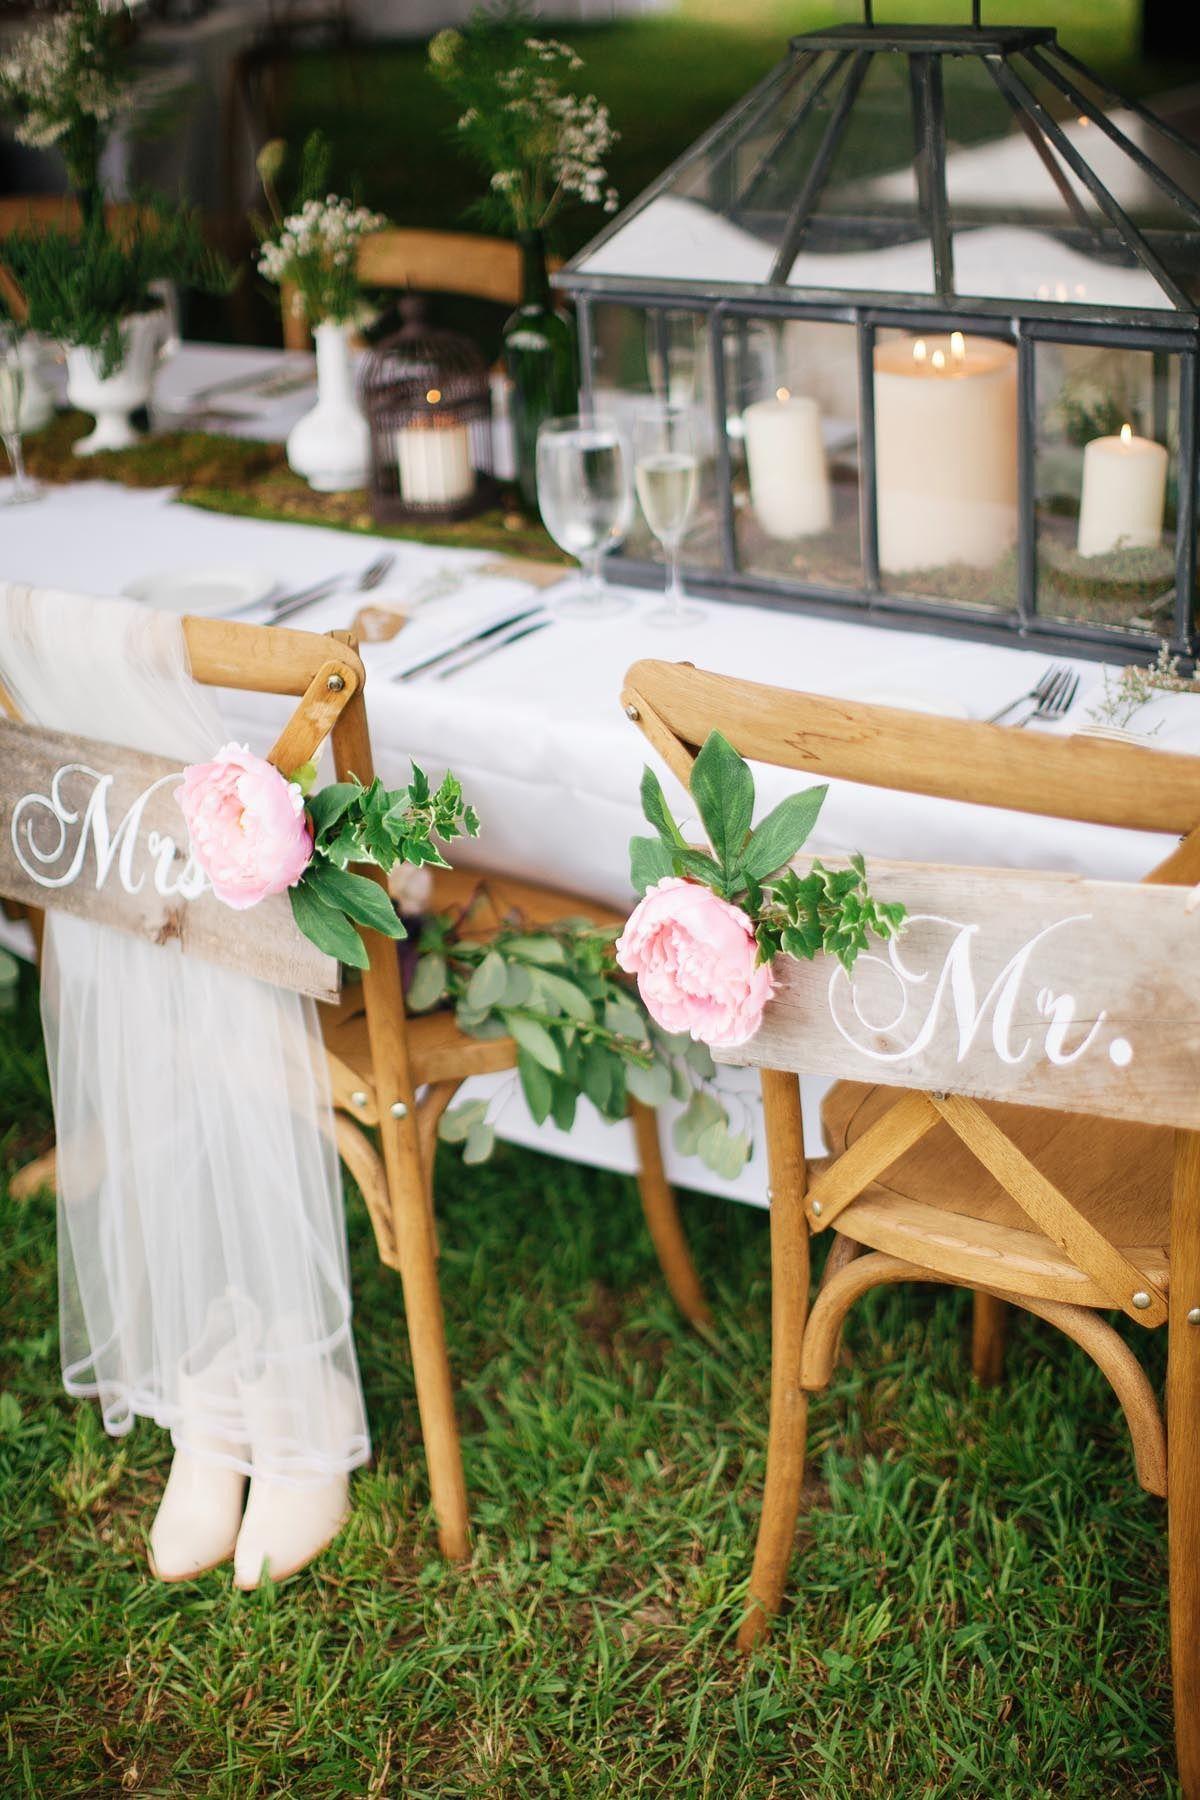 Wedding chair decorations diy  DIY Hudson Valley Farm Wedding   wedding chairs   Pinterest